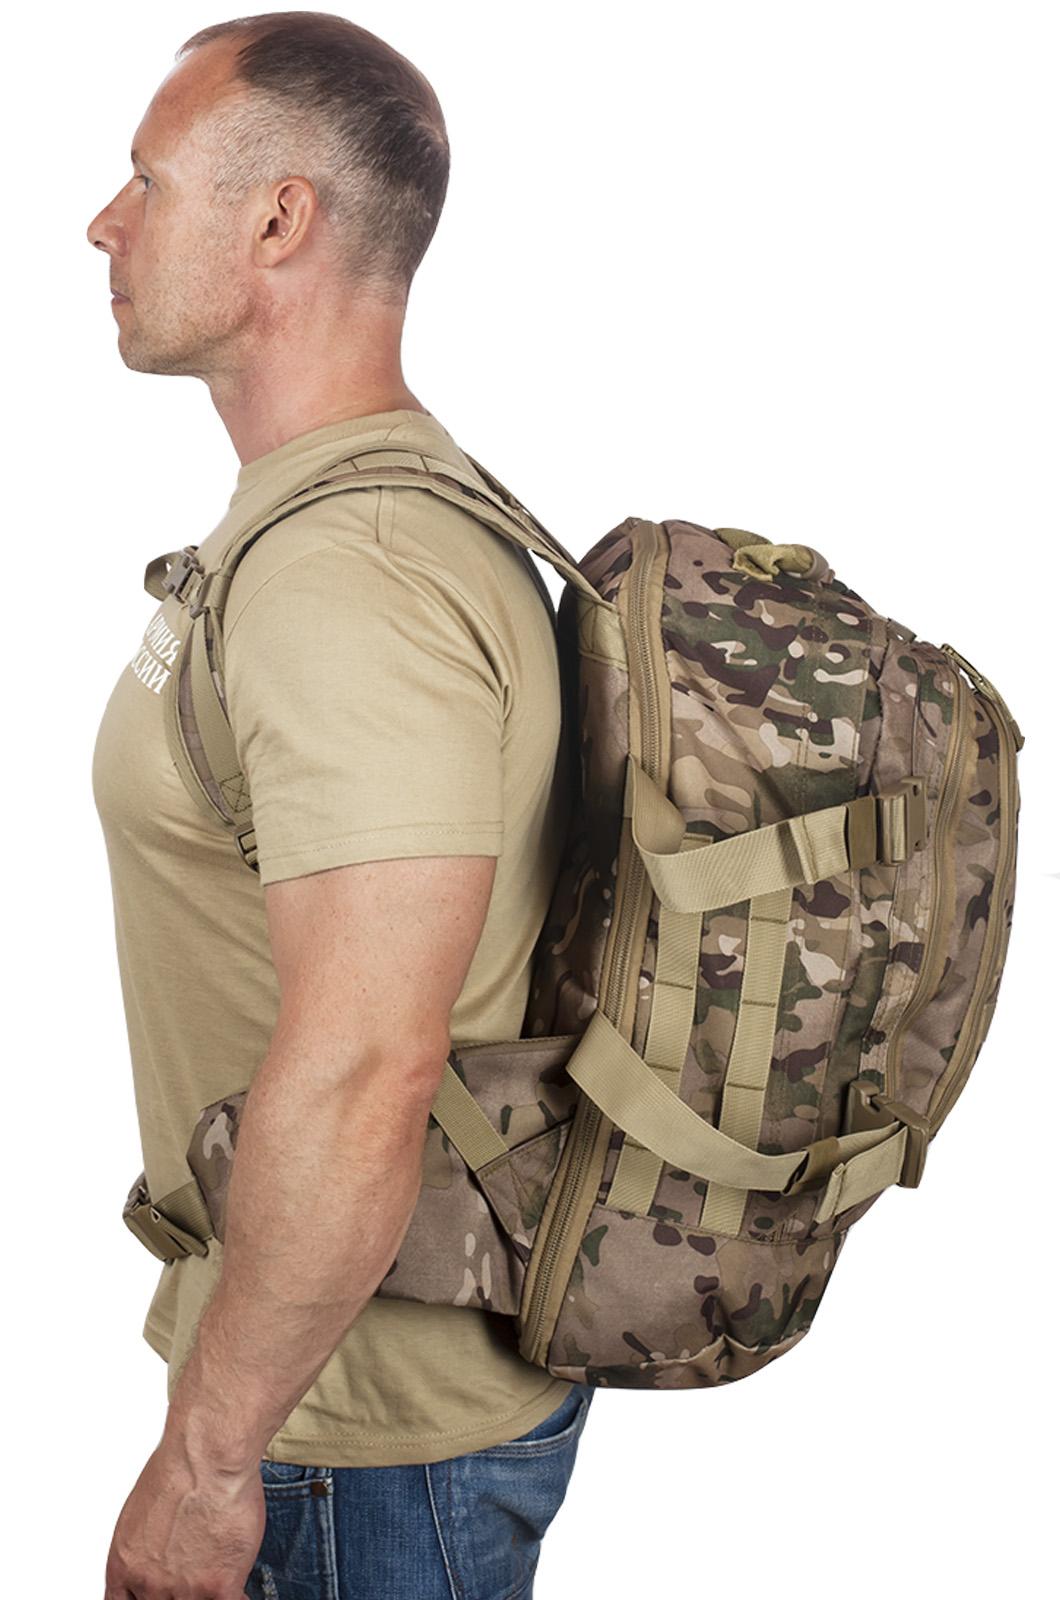 Камуфляжный тактический рюкзак с шевроном Охотничьего спецназа купить выгодно